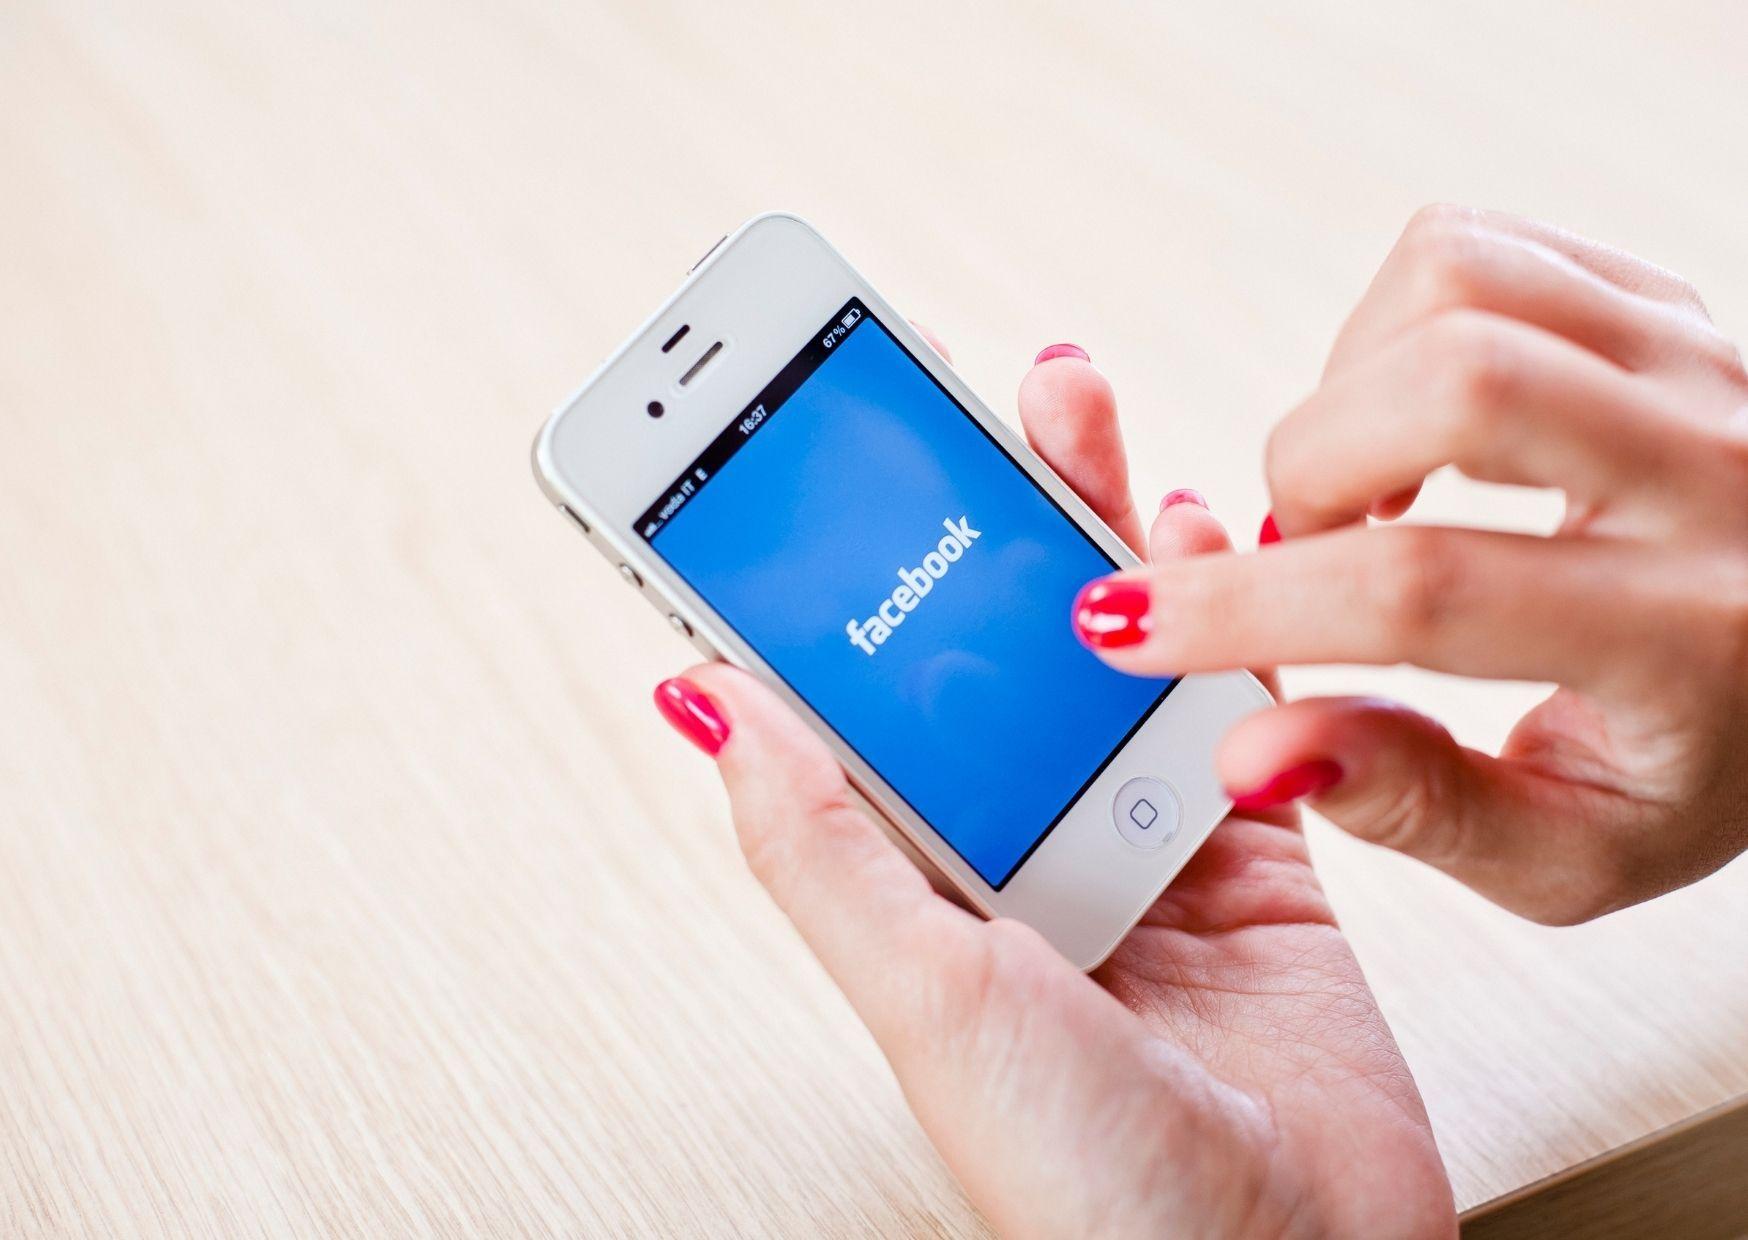 AKTUALIZACJA: Awaria Facebooka, Instagrama i Messengera. Są problemy z logowaniem - Zdjęcie główne